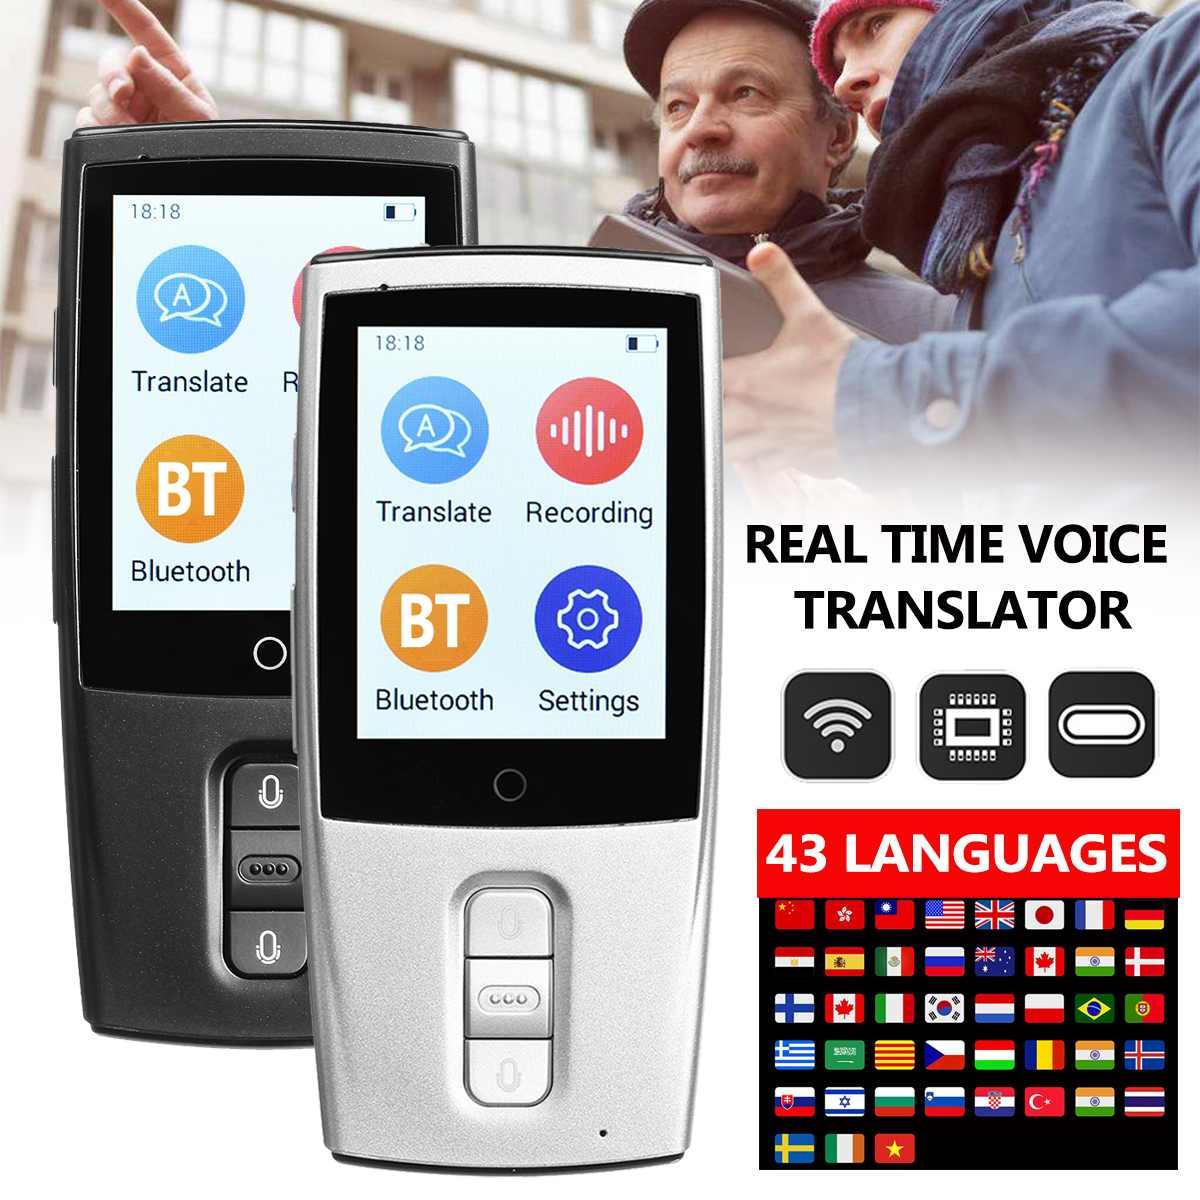 Traducteur vocal intelligent Portable deux voies en temps réel WiFi 43 langues traduction instantanée pour l'apprentissage des affaires de réunion